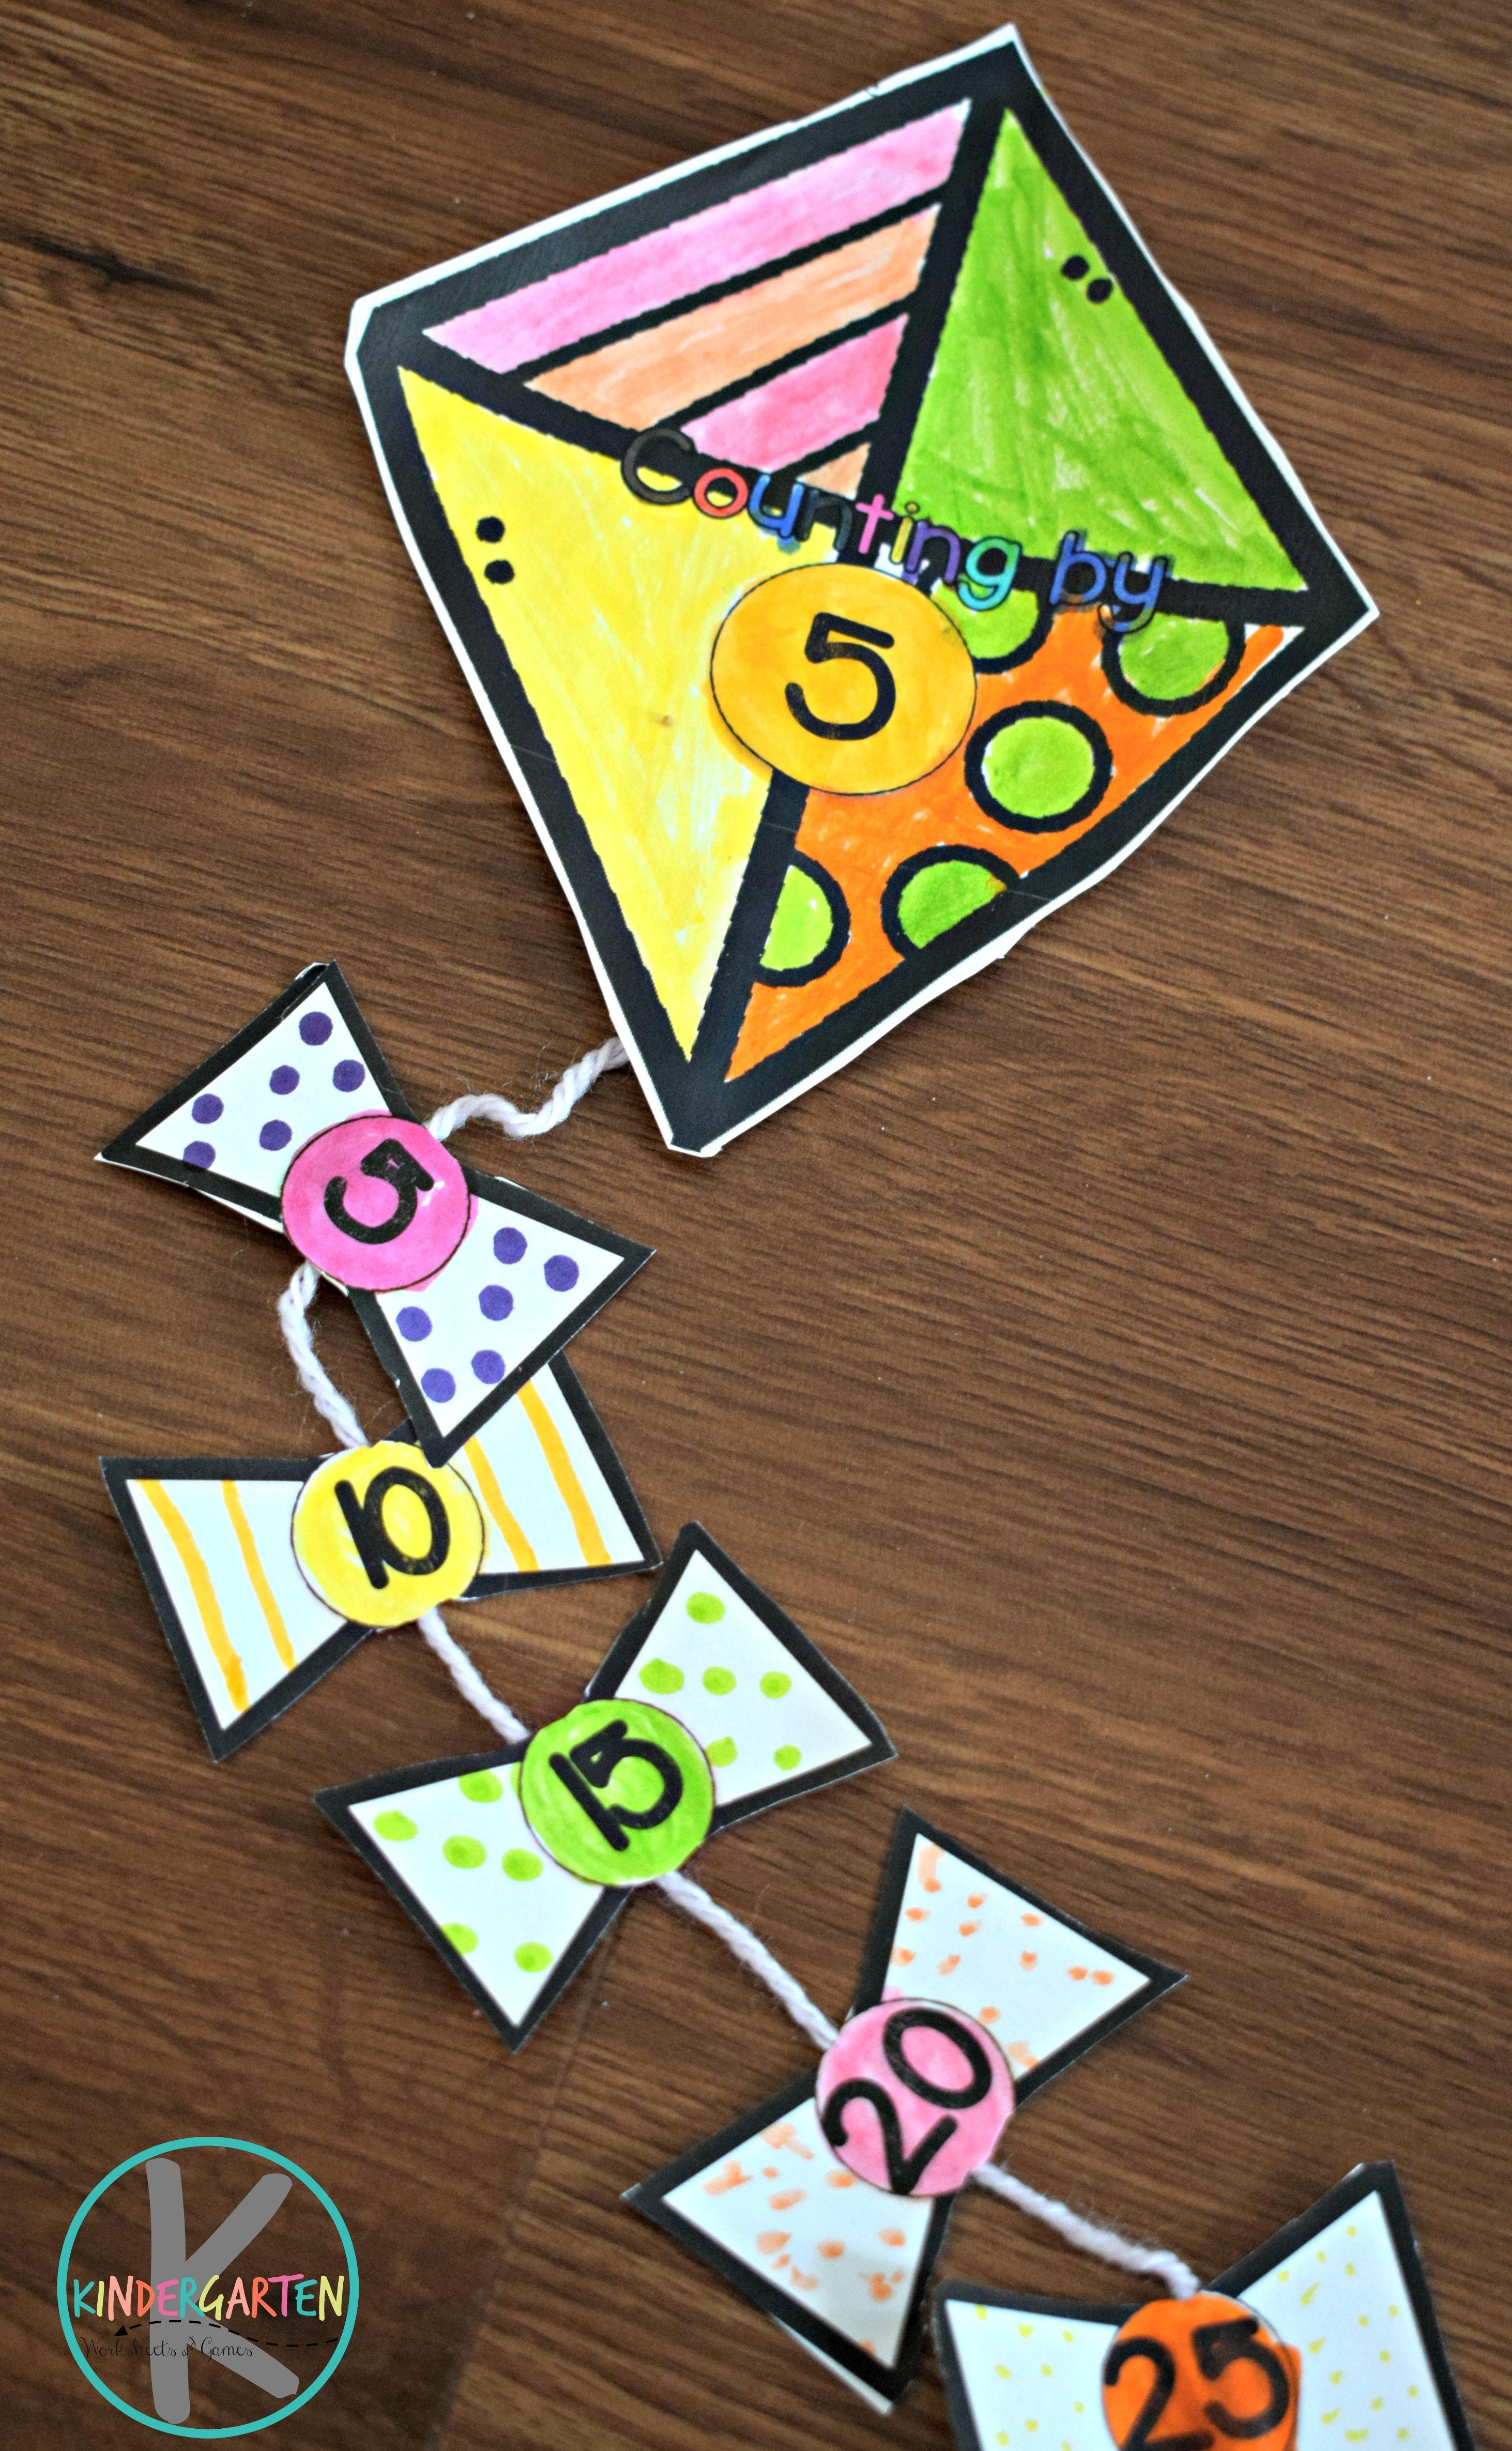 Free Printable April Math Craft Kindergarten Worksheets And Games Math Crafts Kindergarten Crafts April Math [ 4741 x 2925 Pixel ]